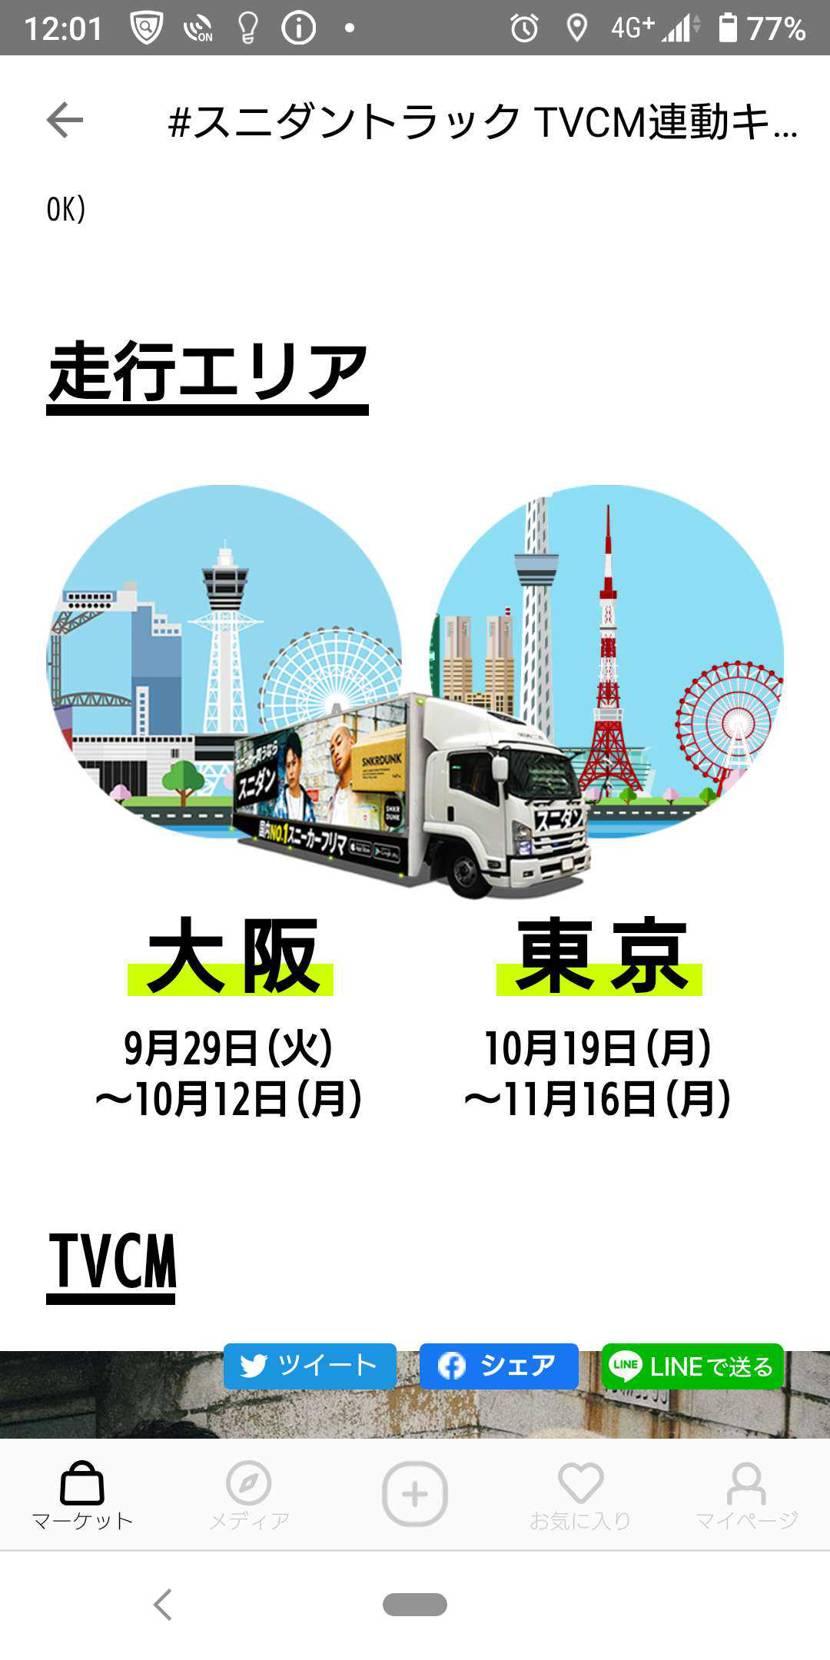 トラック探しの旅に出ようと詳細見たら東京は今走っていないw あぶないあぶない 無